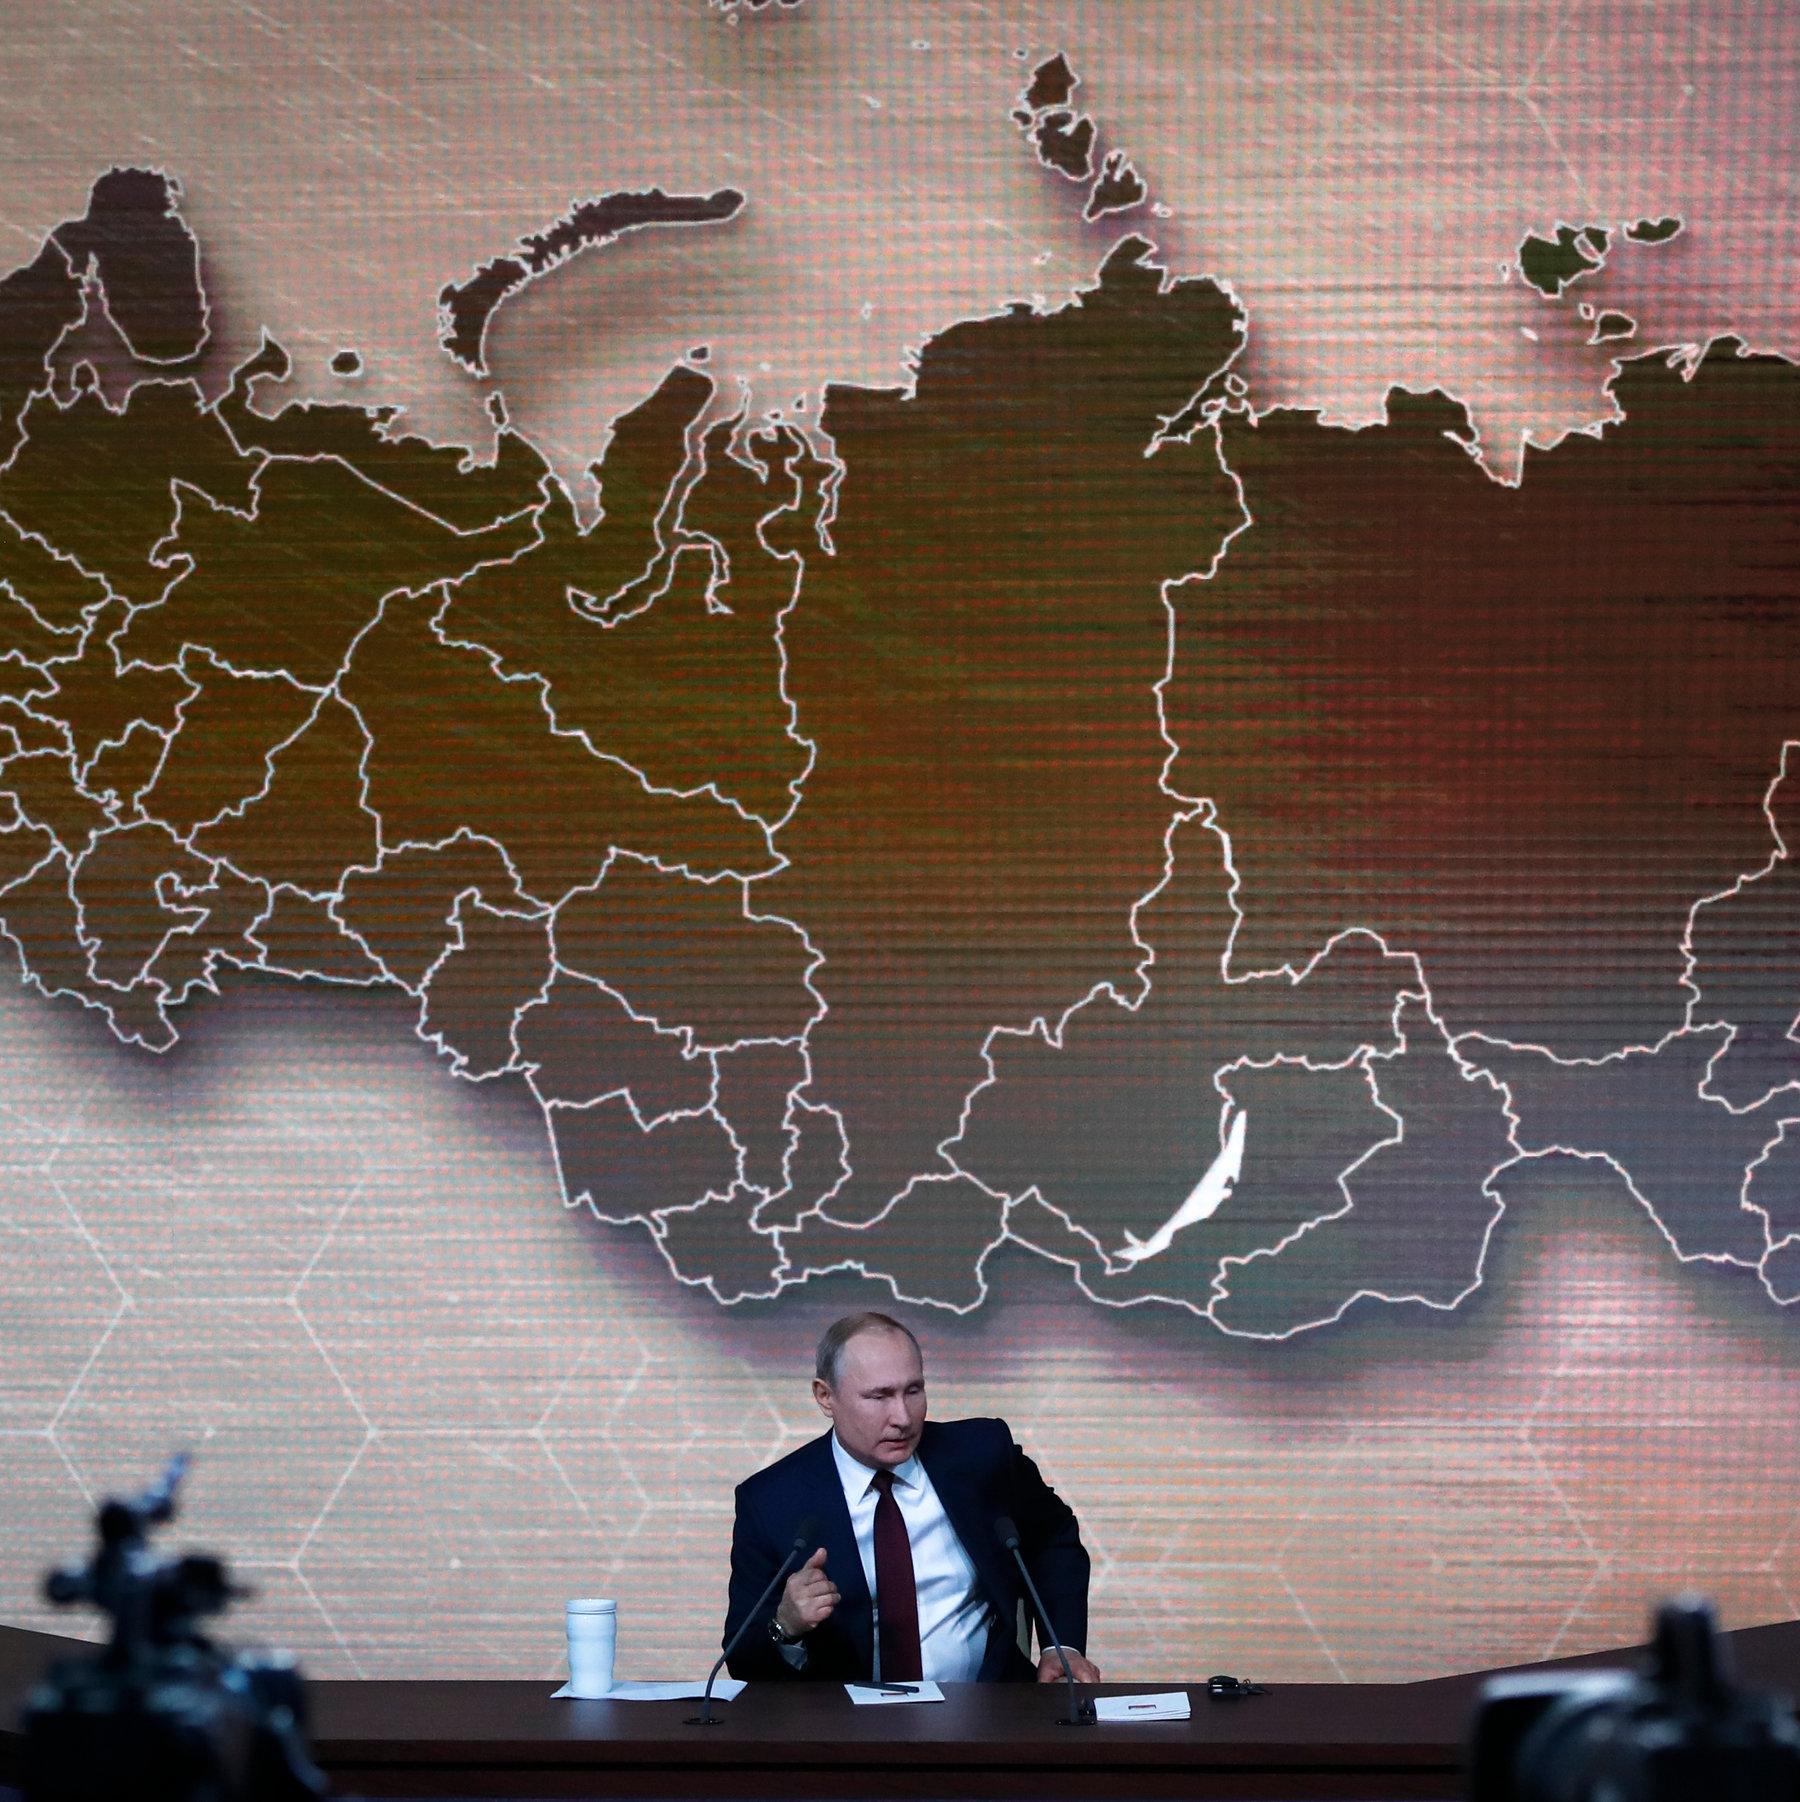 دعوای پوتین و اروپا باز هم بالا گرفت